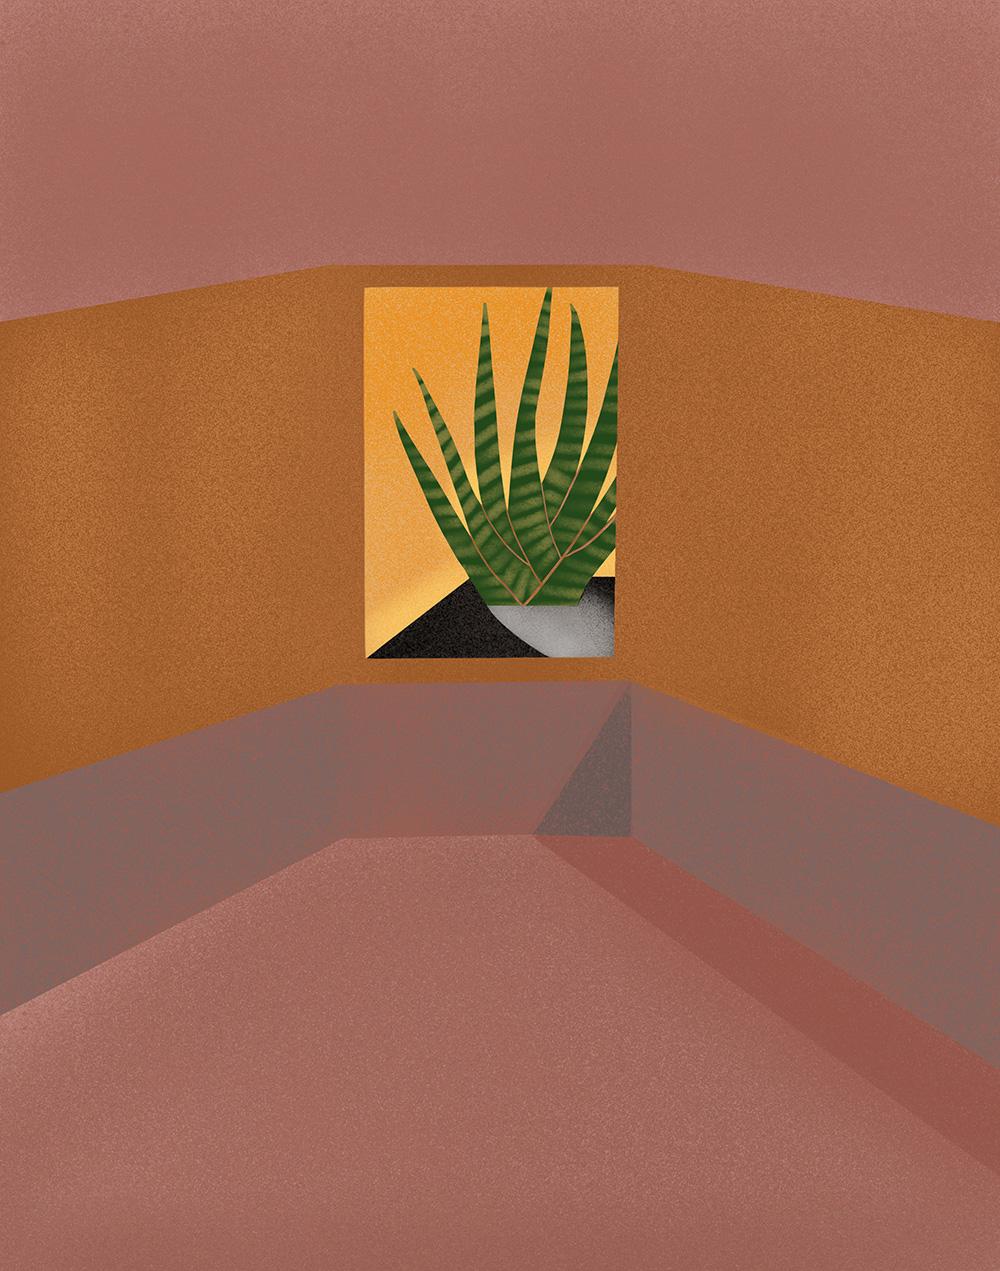 windowplant-website.jpg